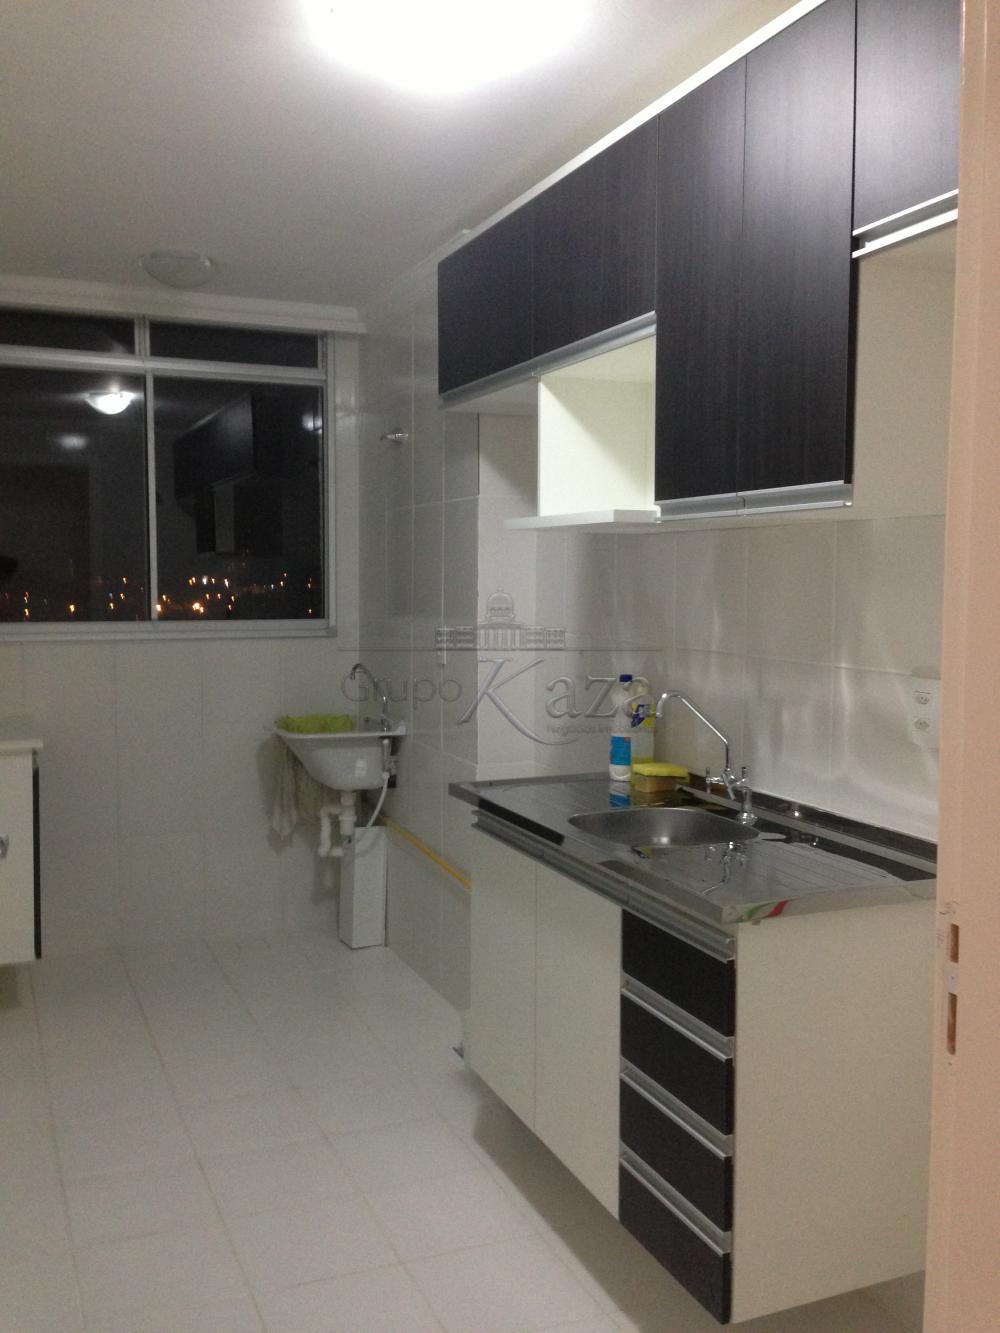 Comprar Apartamento / Padrão em São José dos Campos apenas R$ 215.000,00 - Foto 3